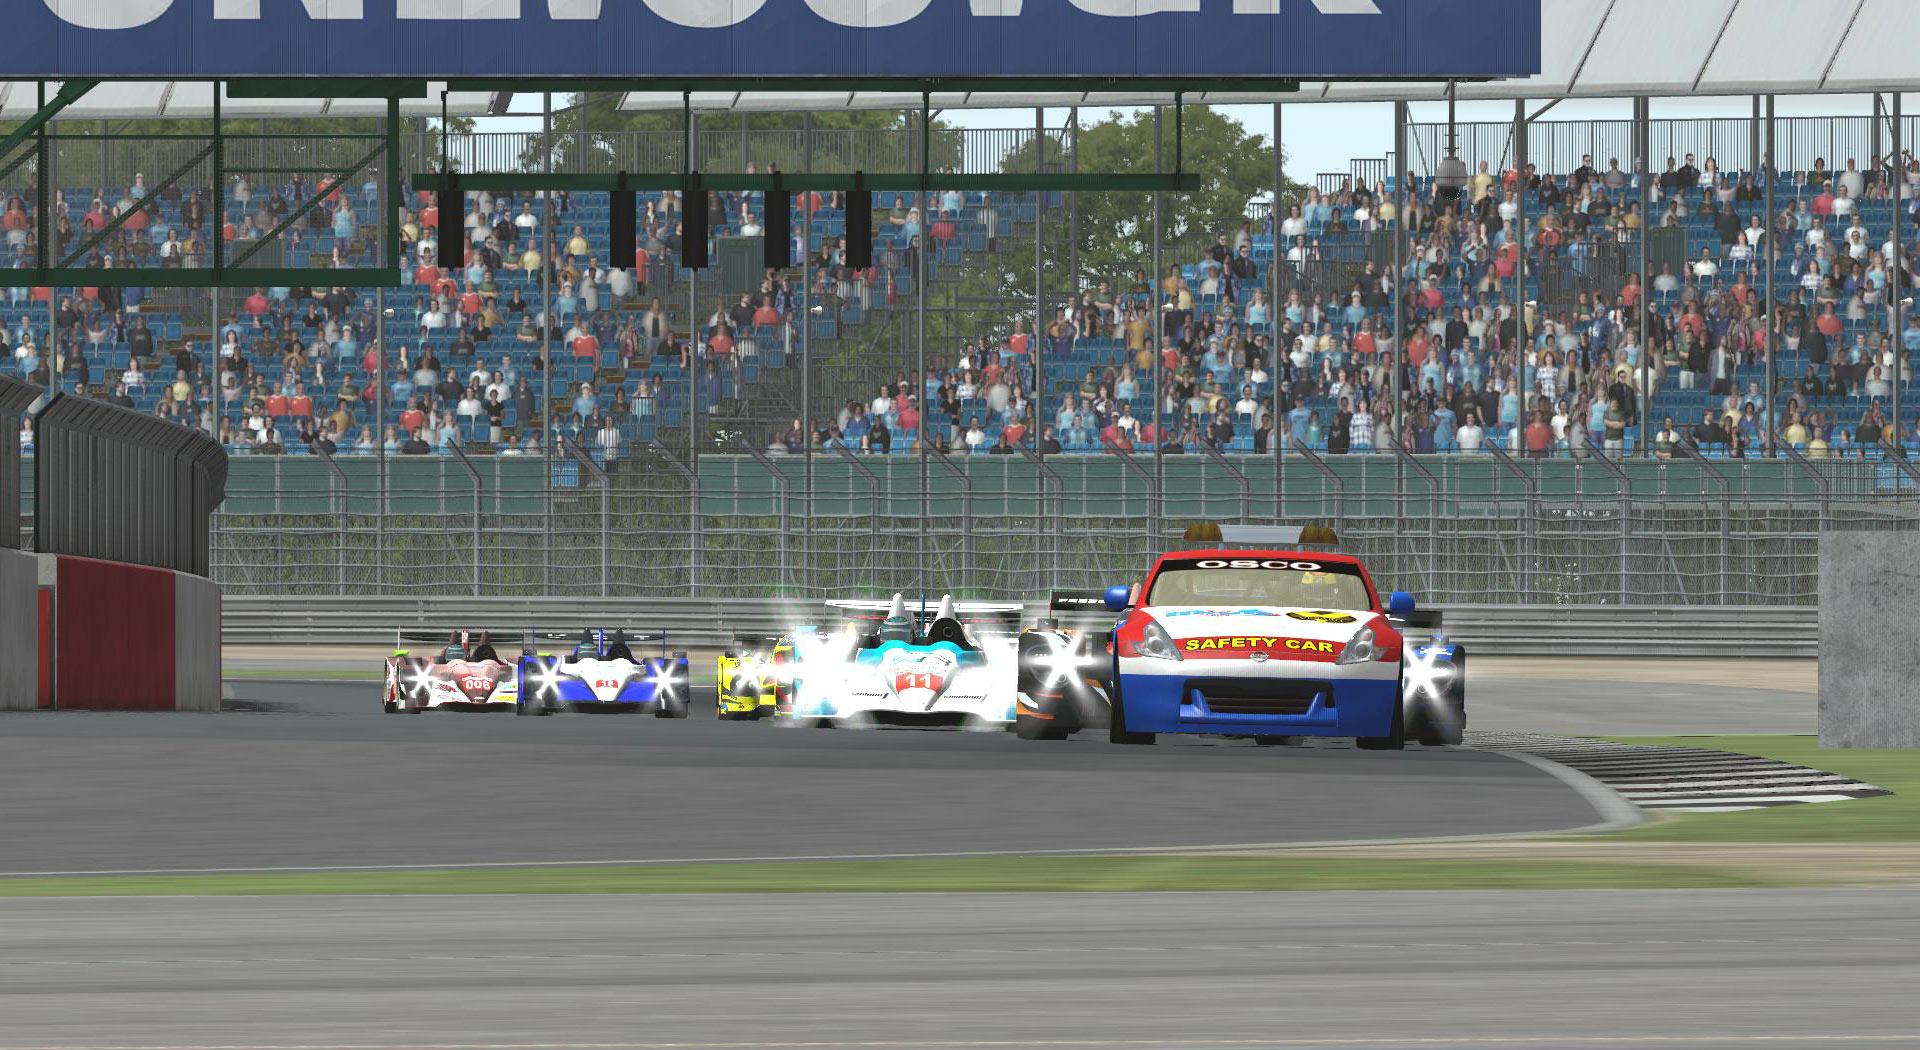 RDLMS by Vesaro - Round 2 Silverstone - Start.jpg